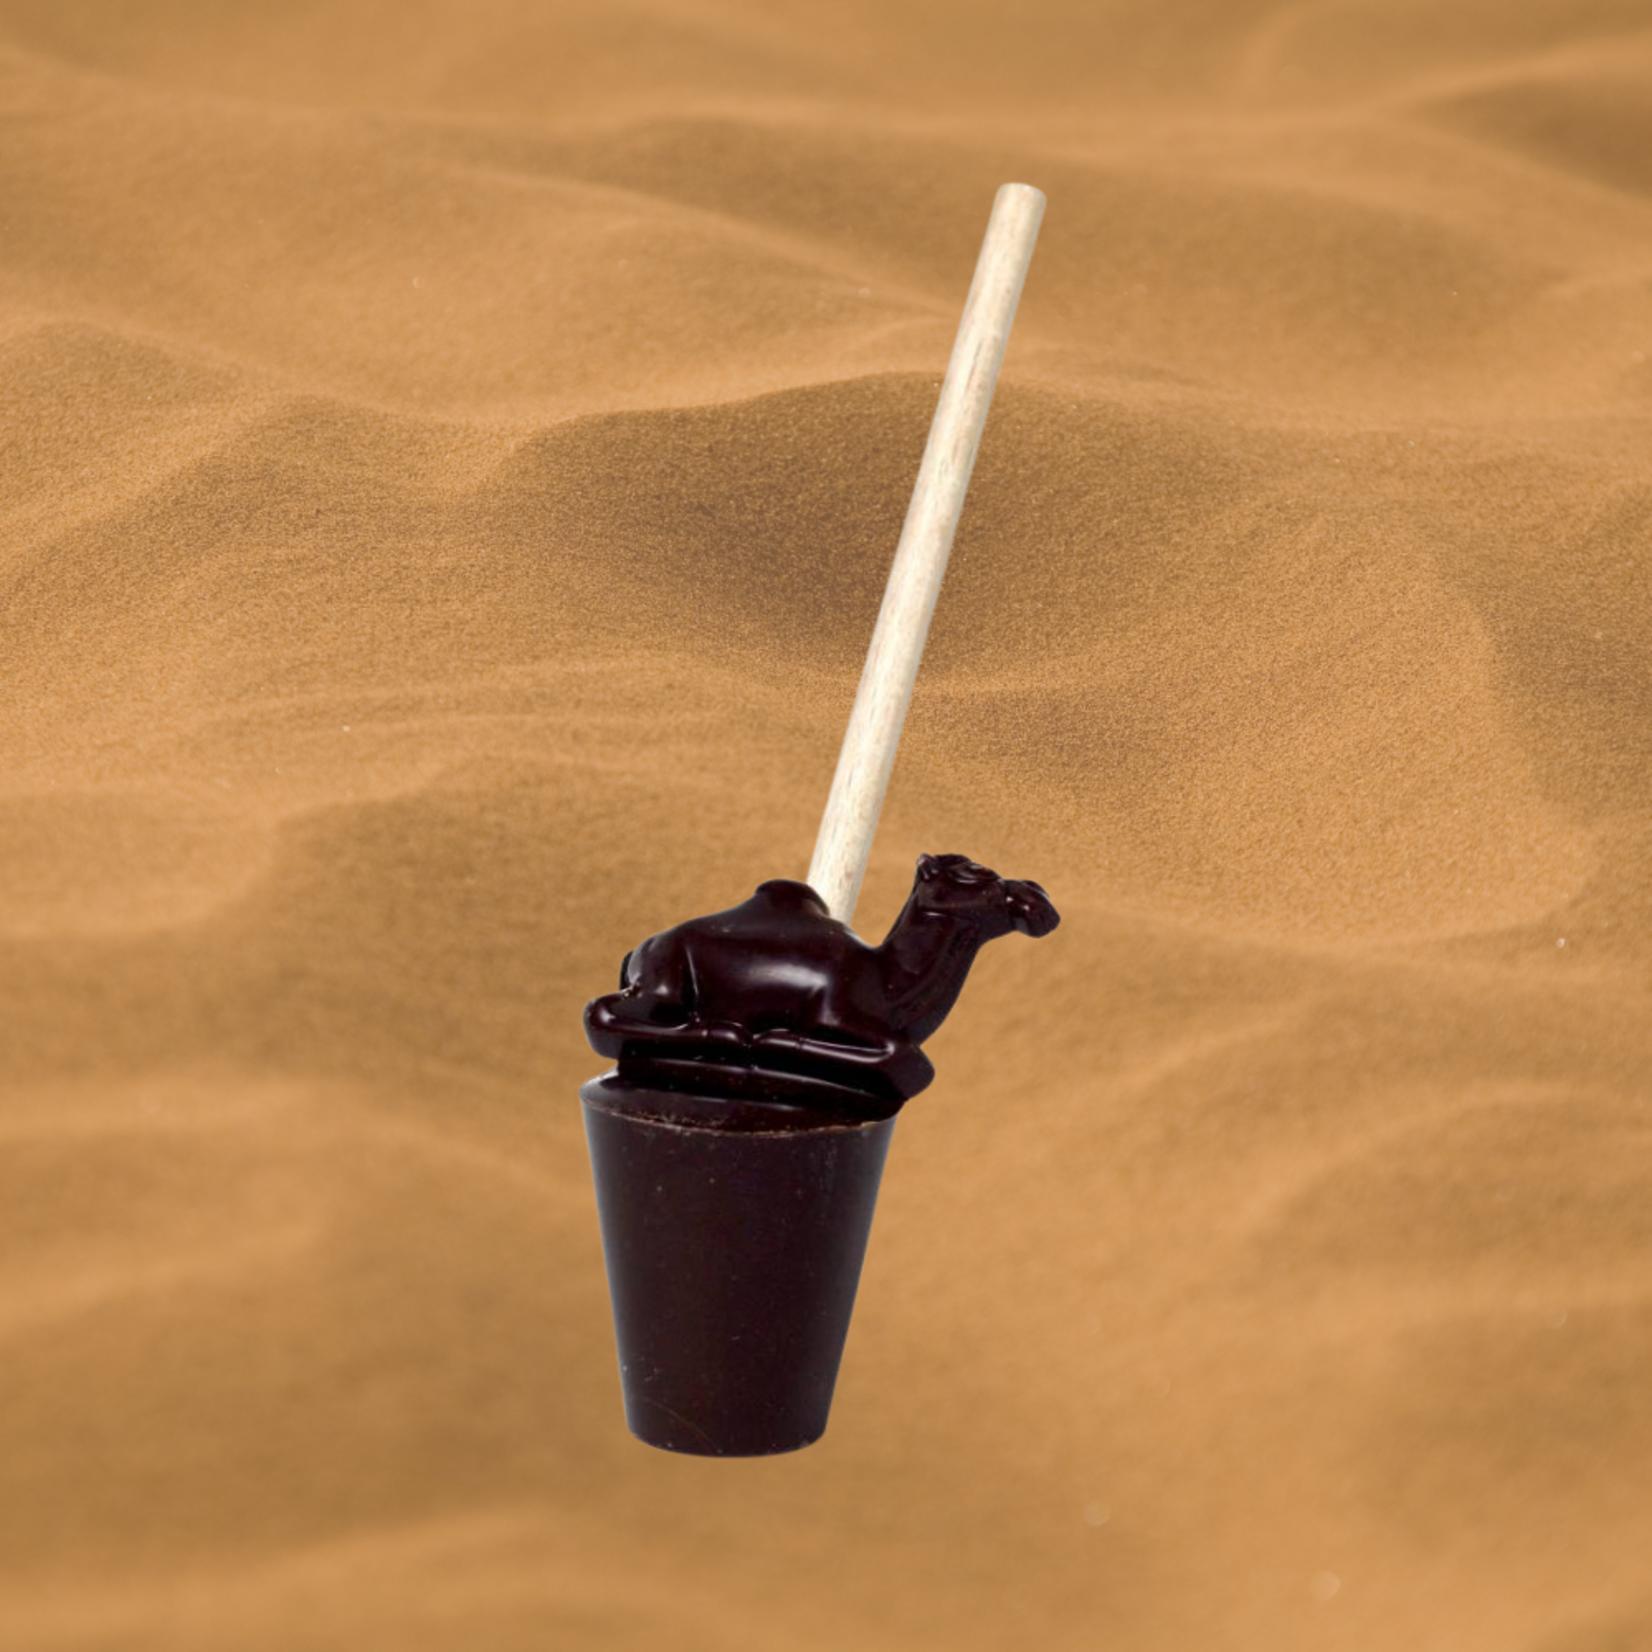 ChoCamel - Choco-lolly met kamelenmelk, voor de lekkerste warme chocolademelk